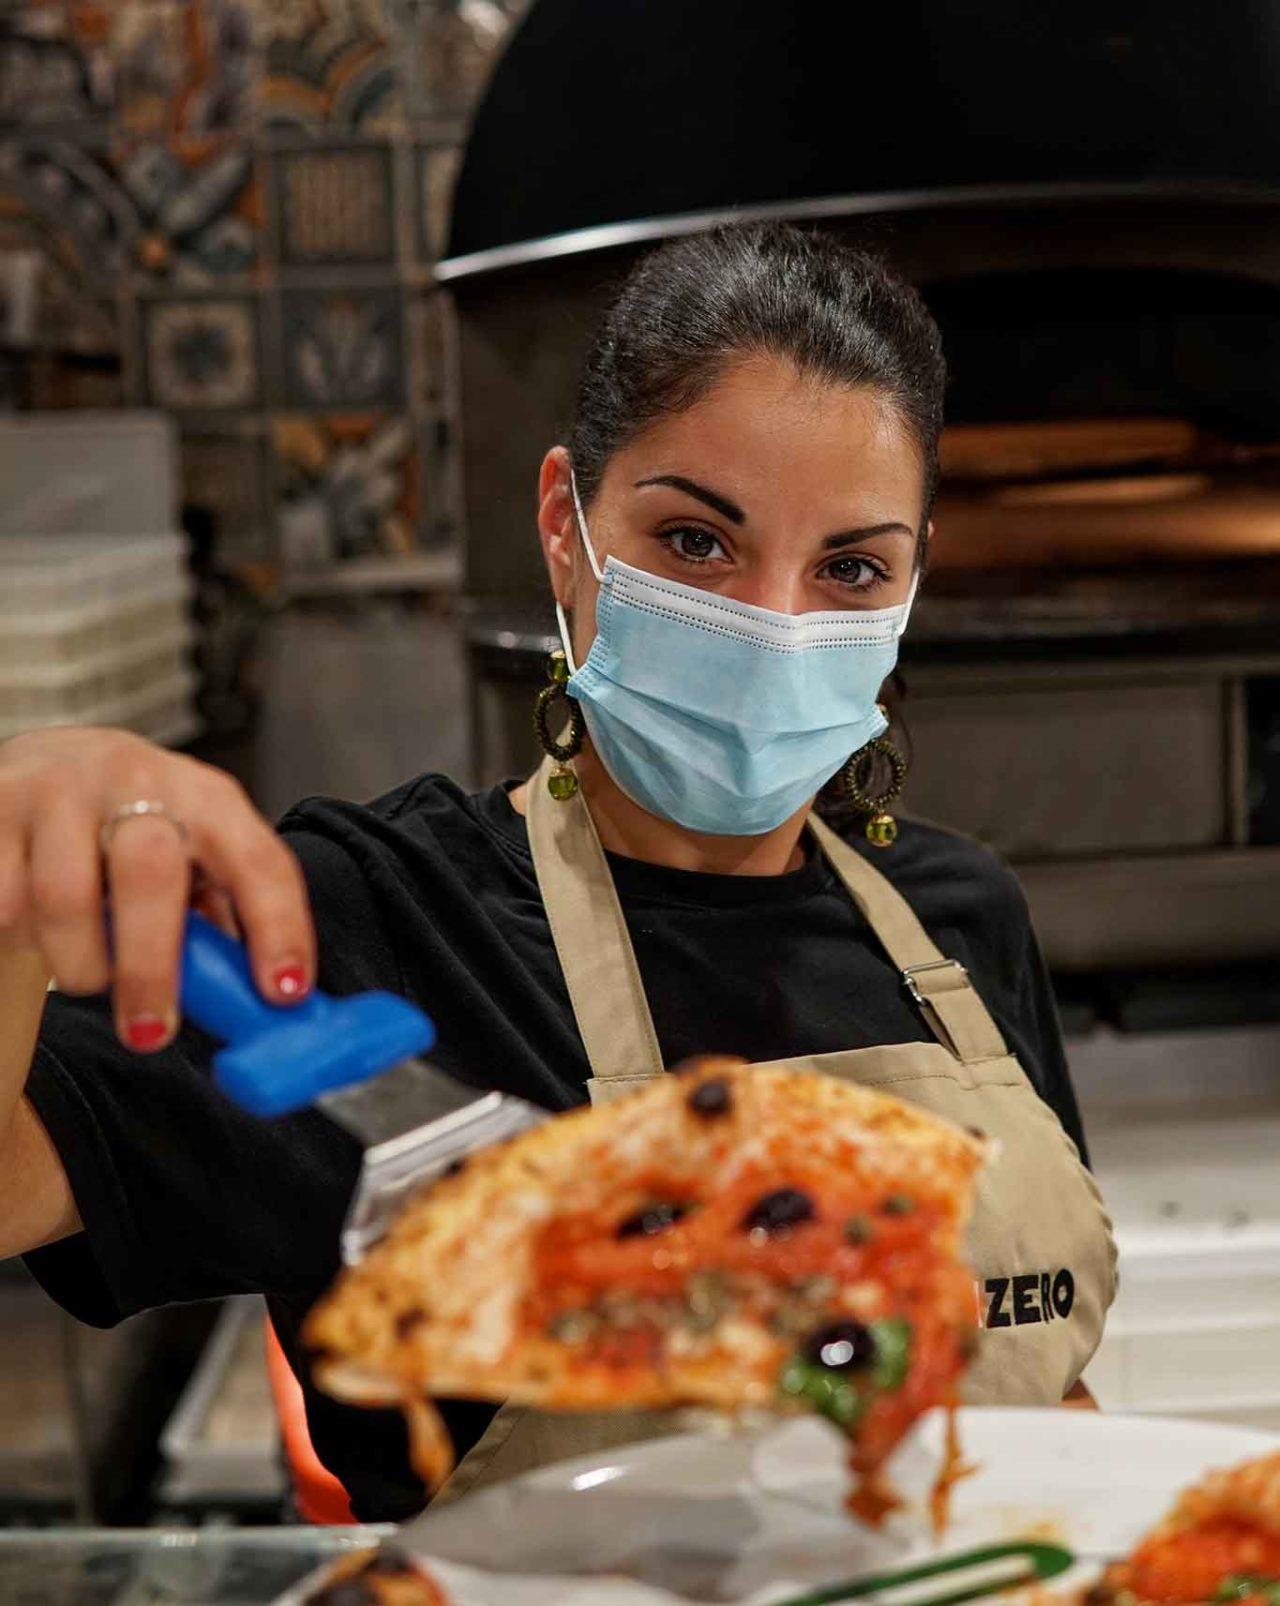 pizzeria Da Zero Firenze